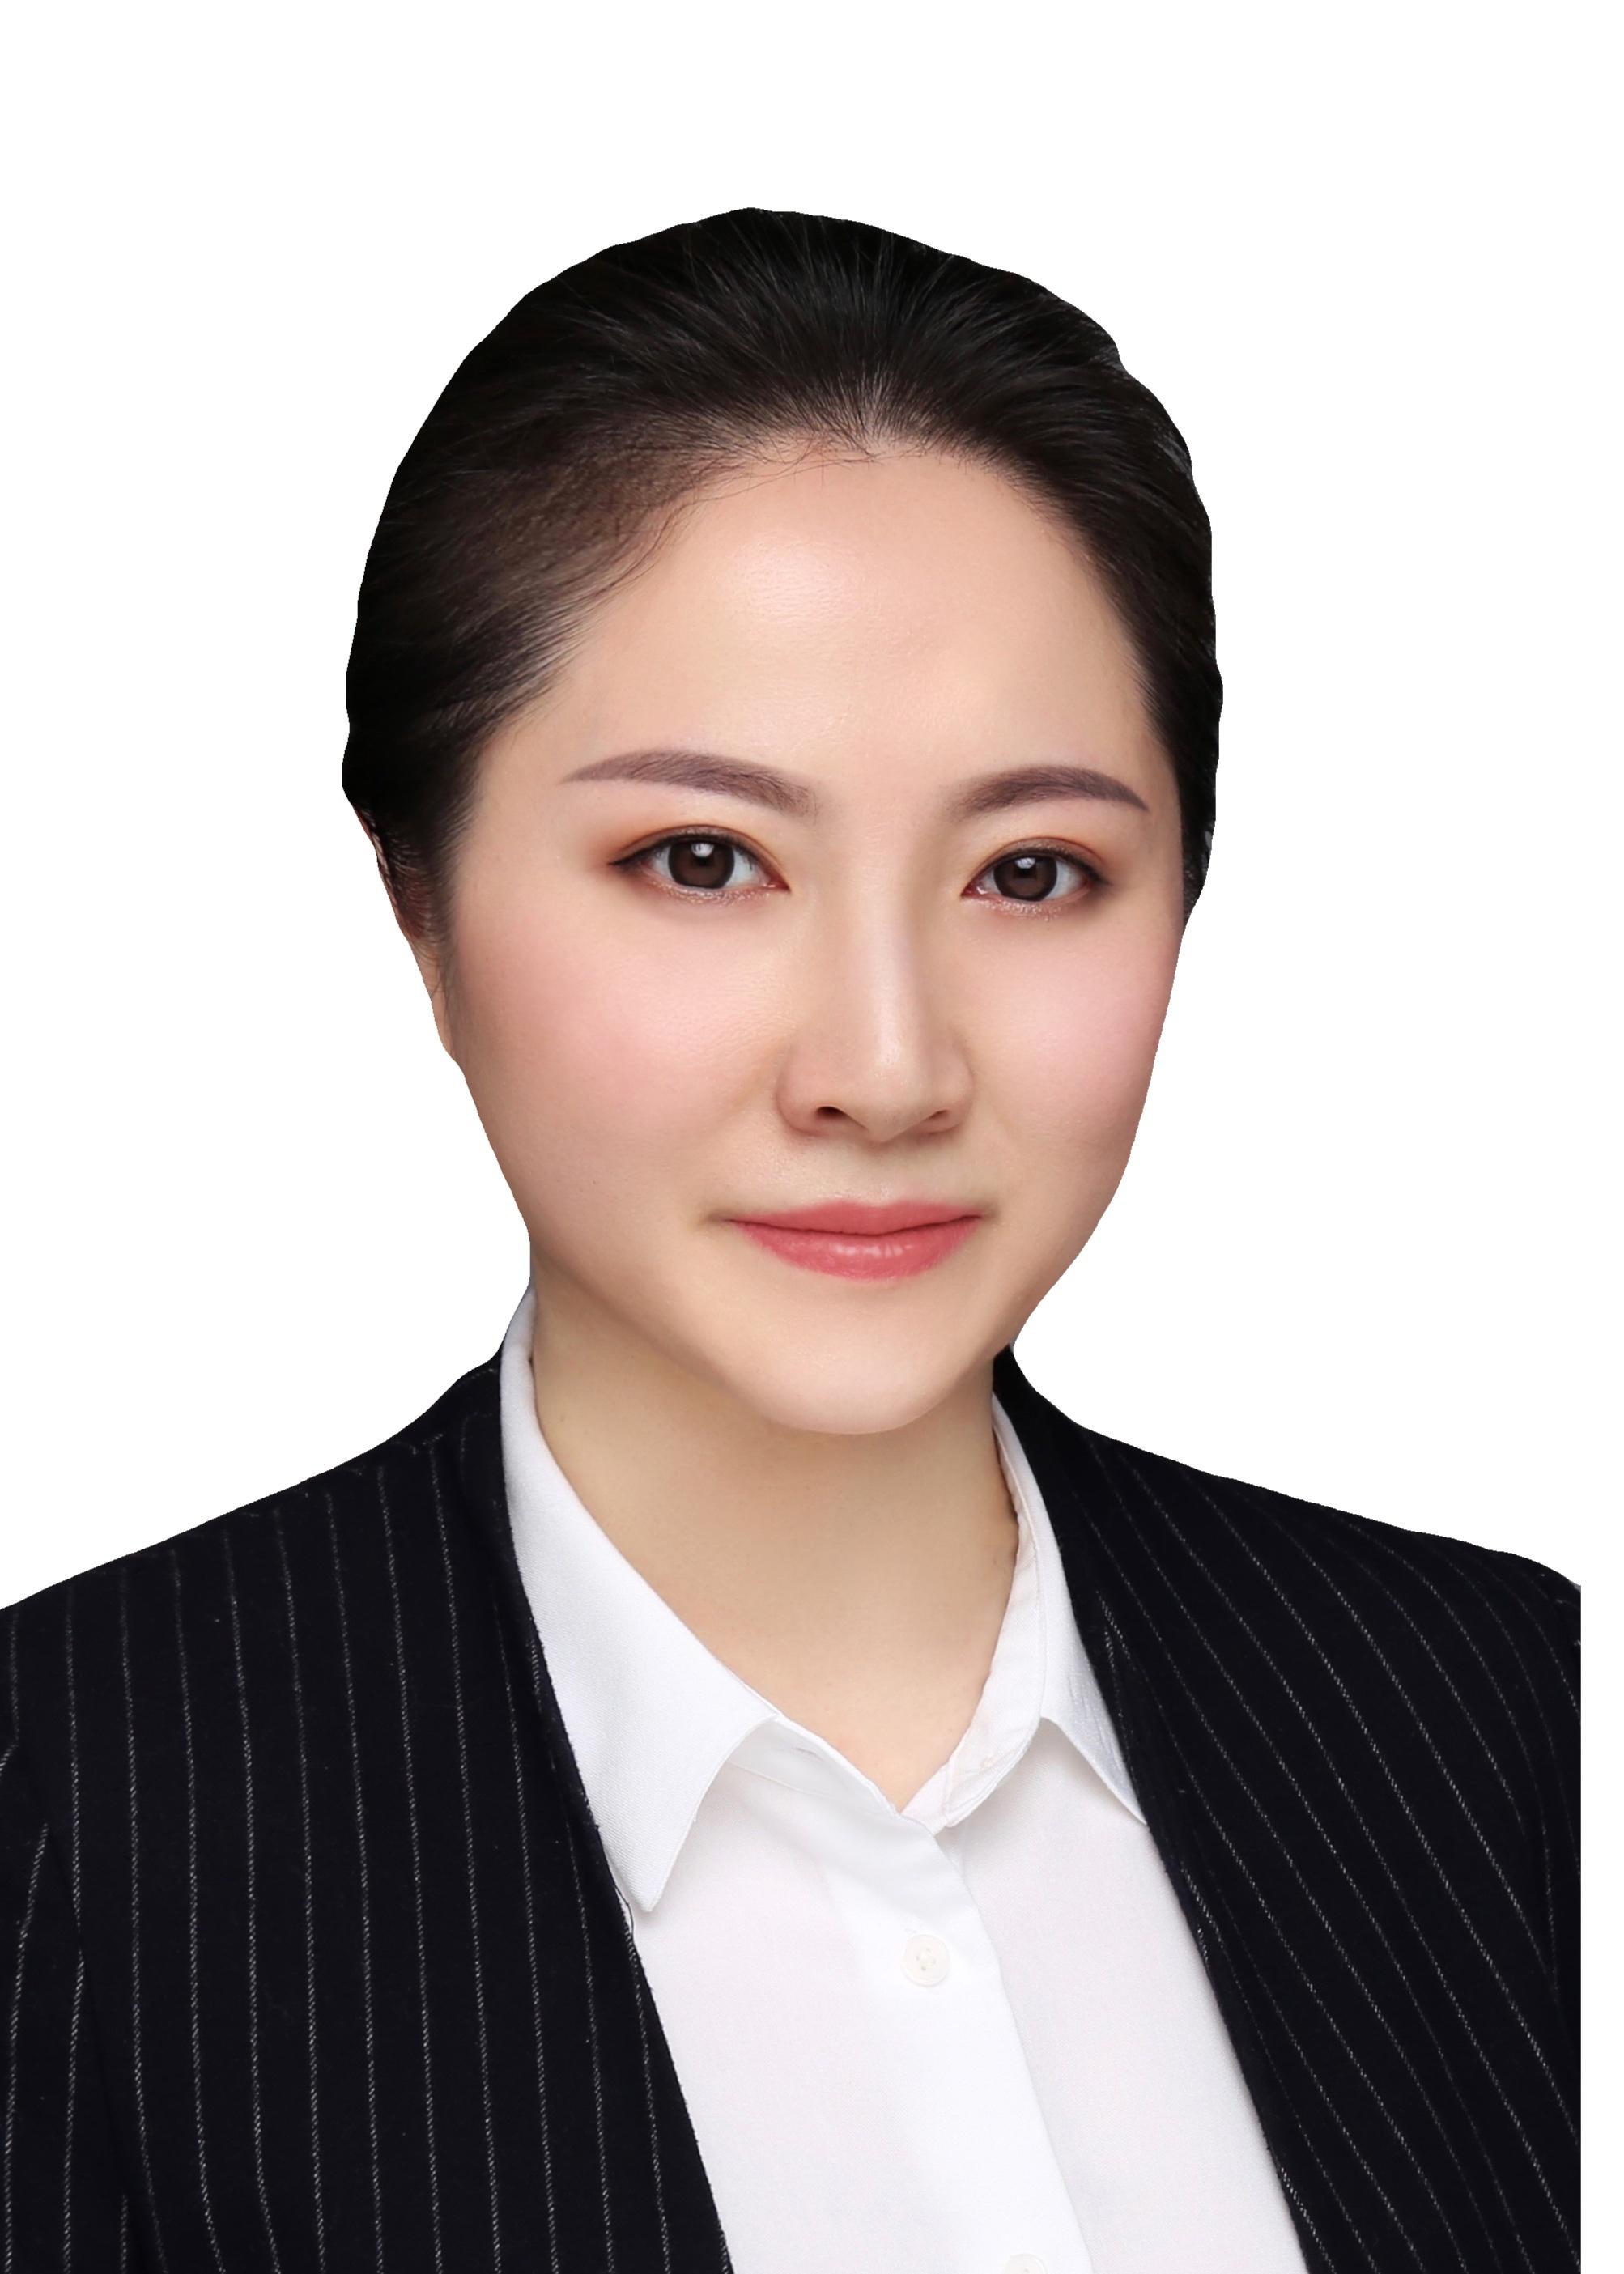 蓝冠官网:完蓝冠官网善公共场所母婴图片